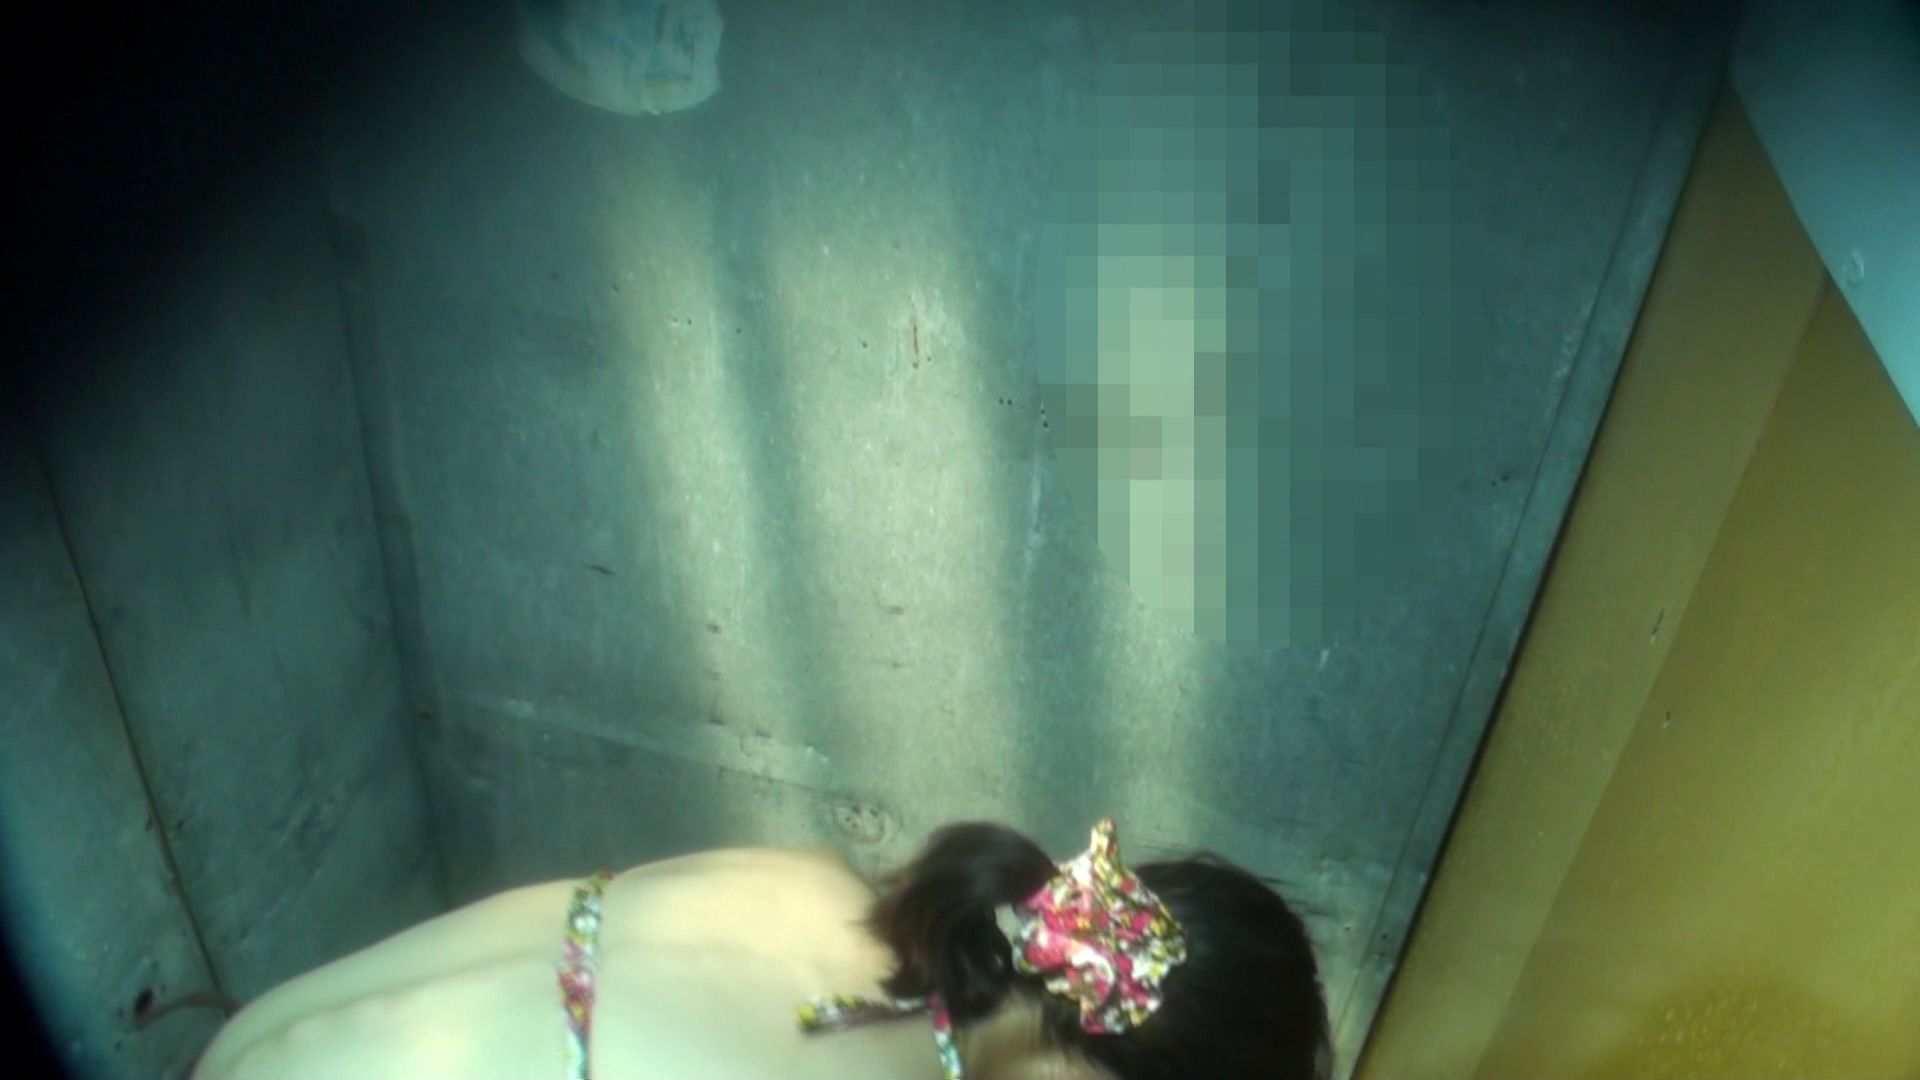 シャワールームは超!!危険な香りVol.16 意外に乳首は年増のそれ 乳首ポロリ | OLセックス  108画像 81